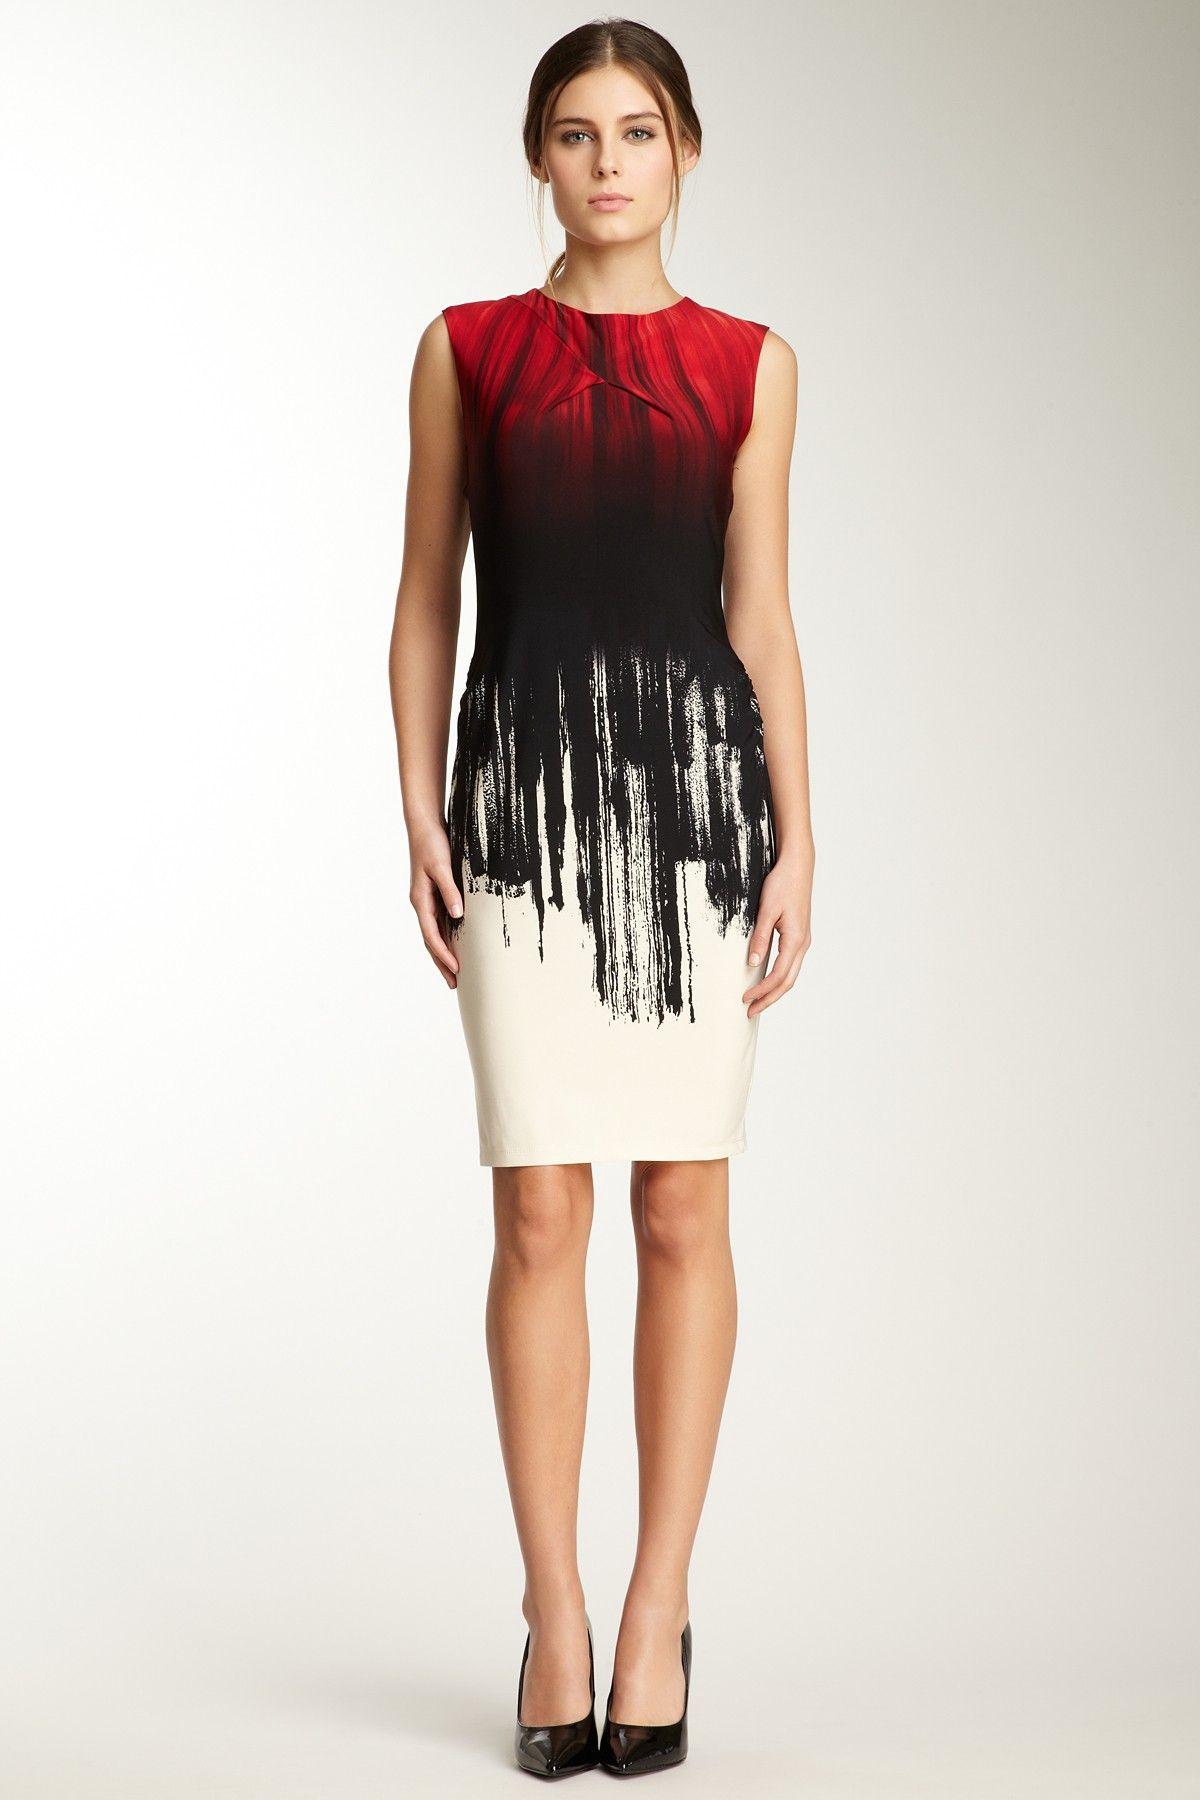 Calvin klein red bandage dress